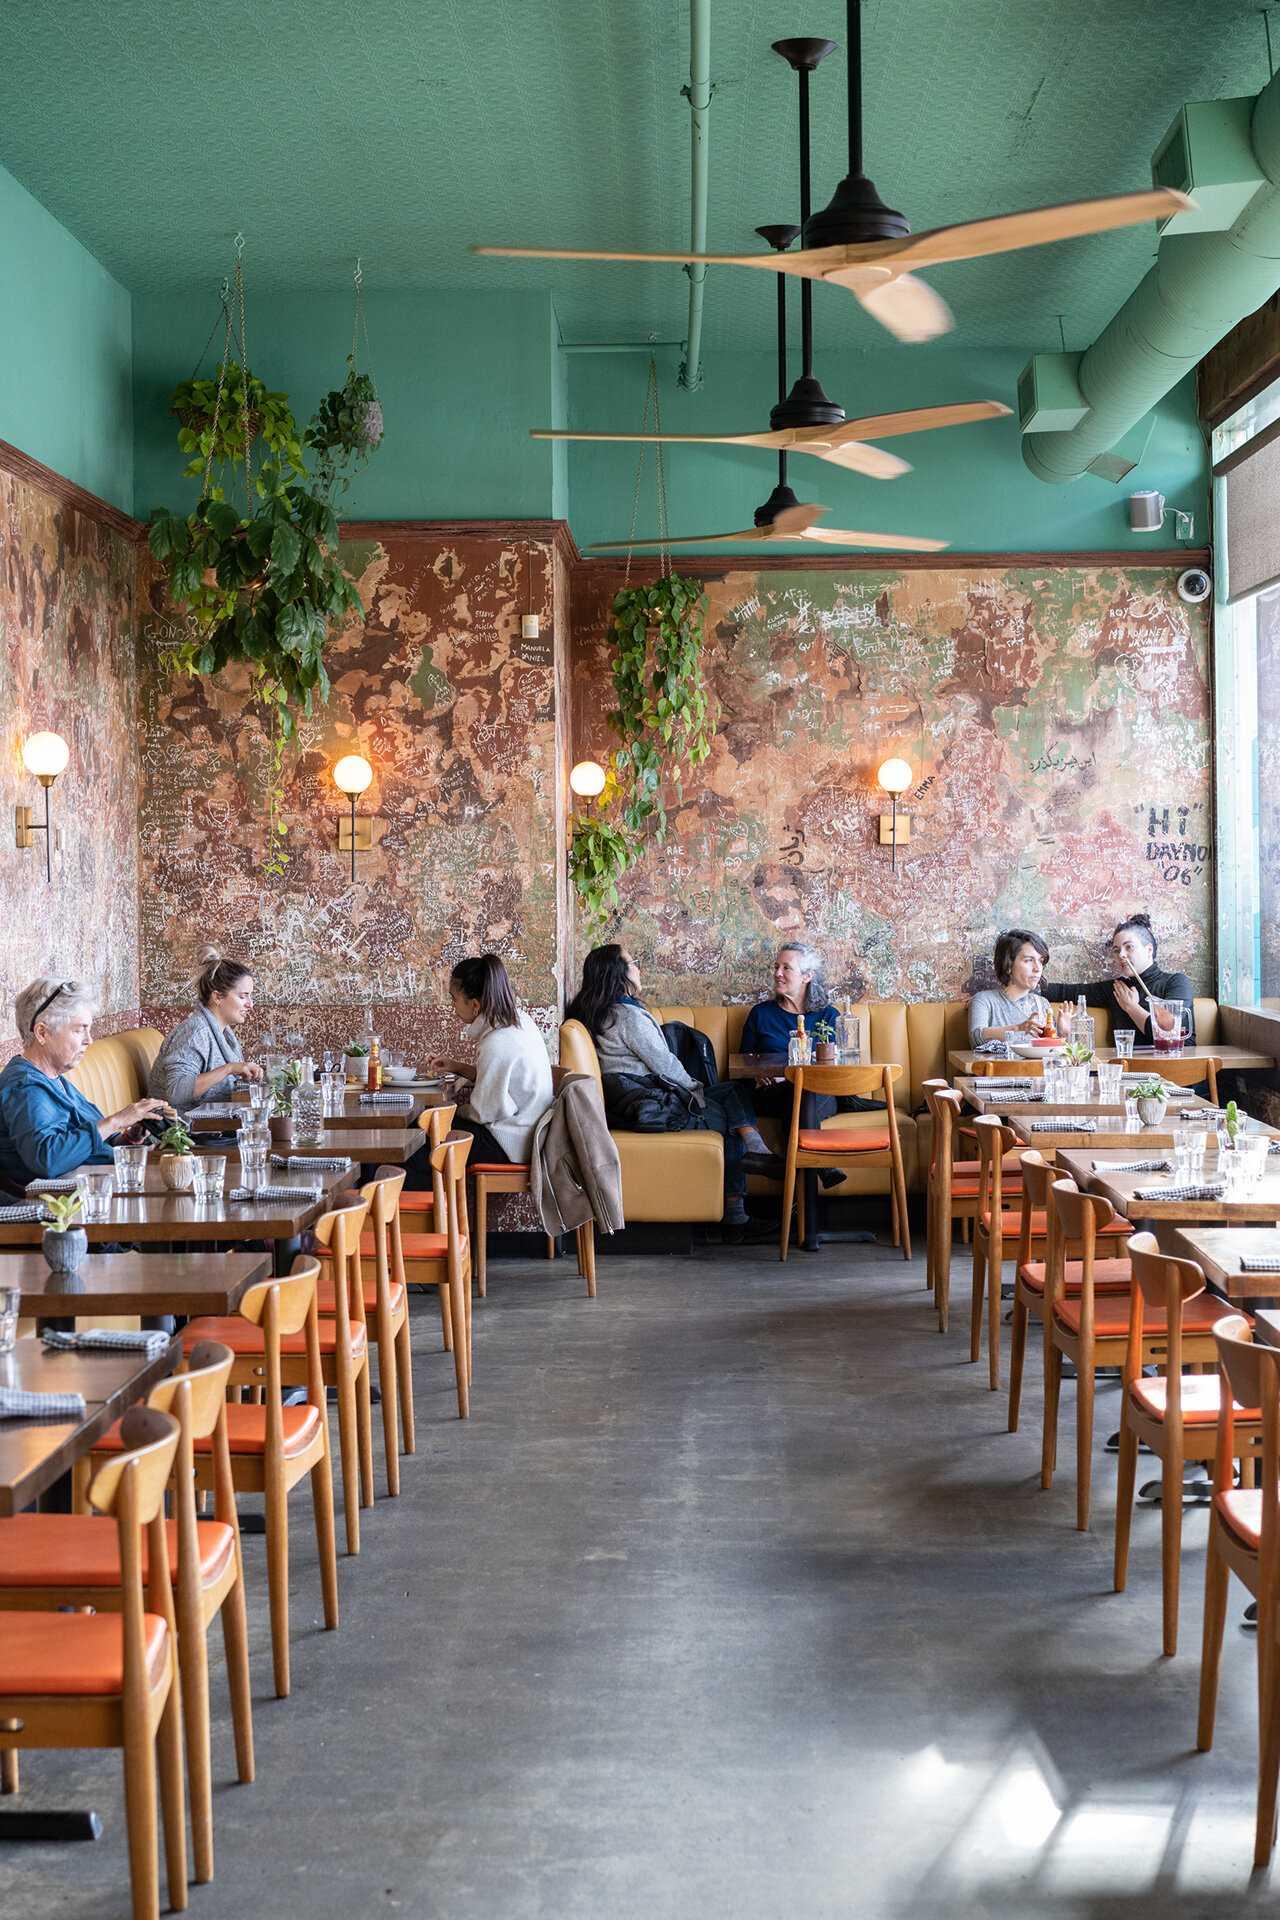 Havana diningroom2